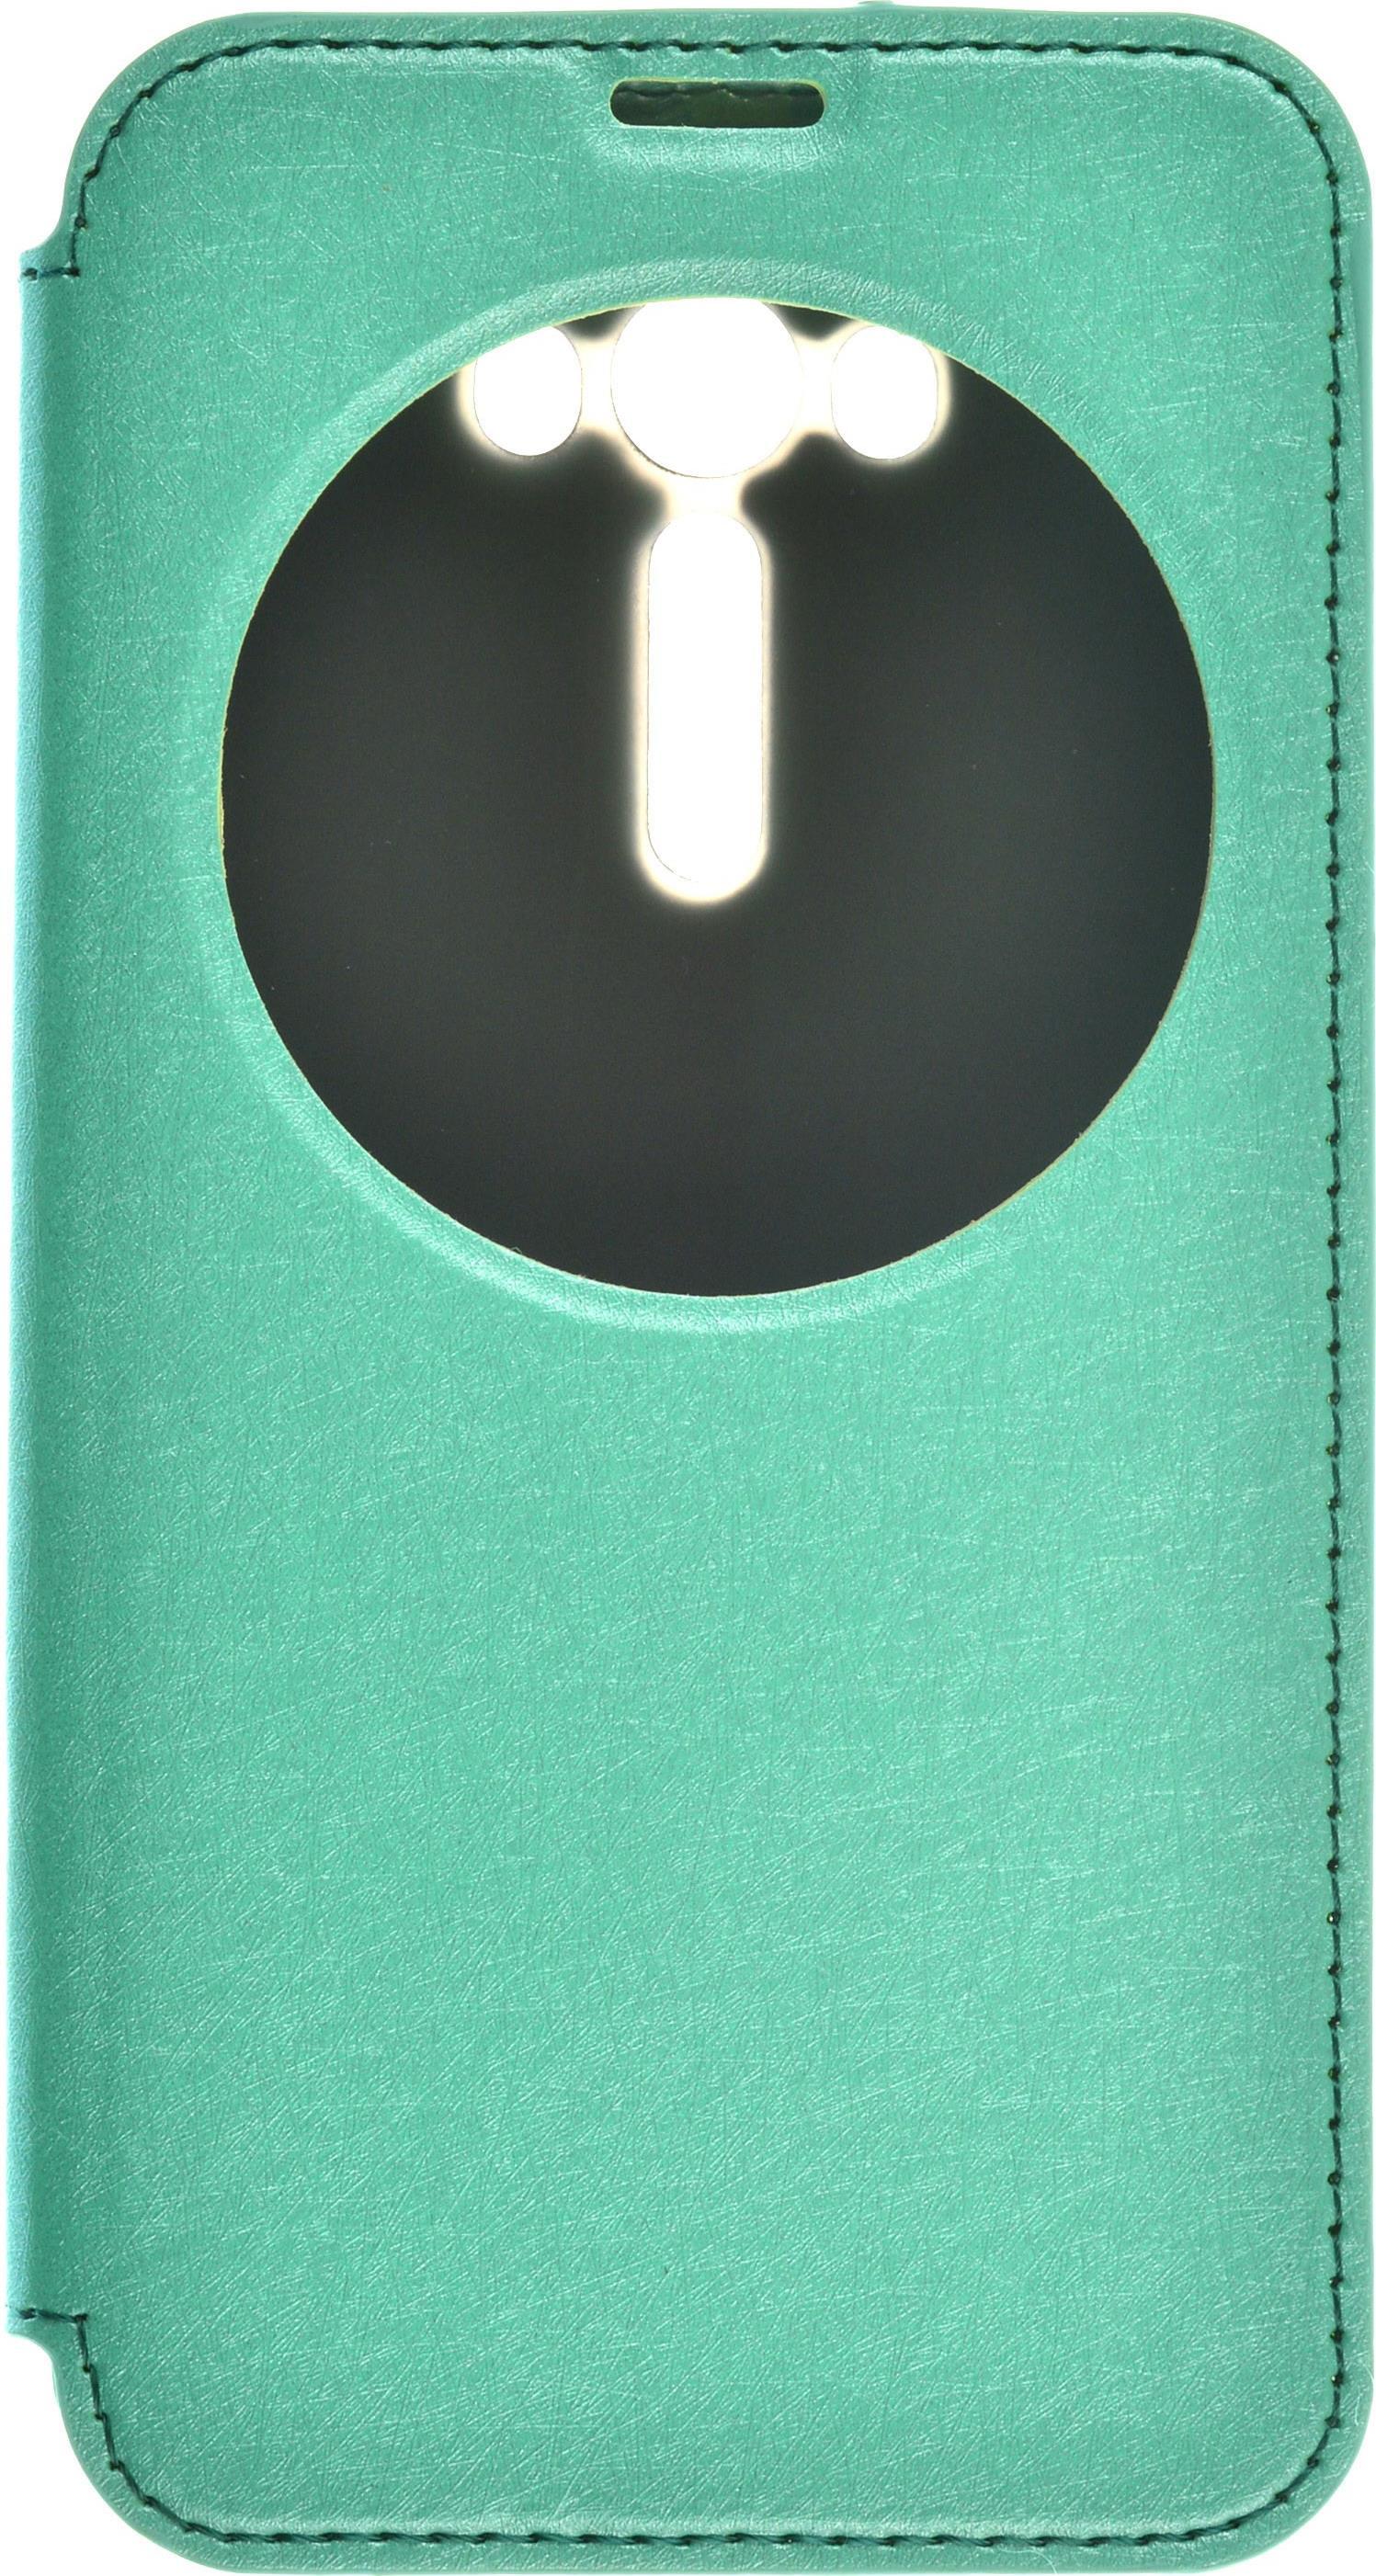 Чехол skinBOX для Asus ZE550KL, 4630042521513, зеленый стоимость